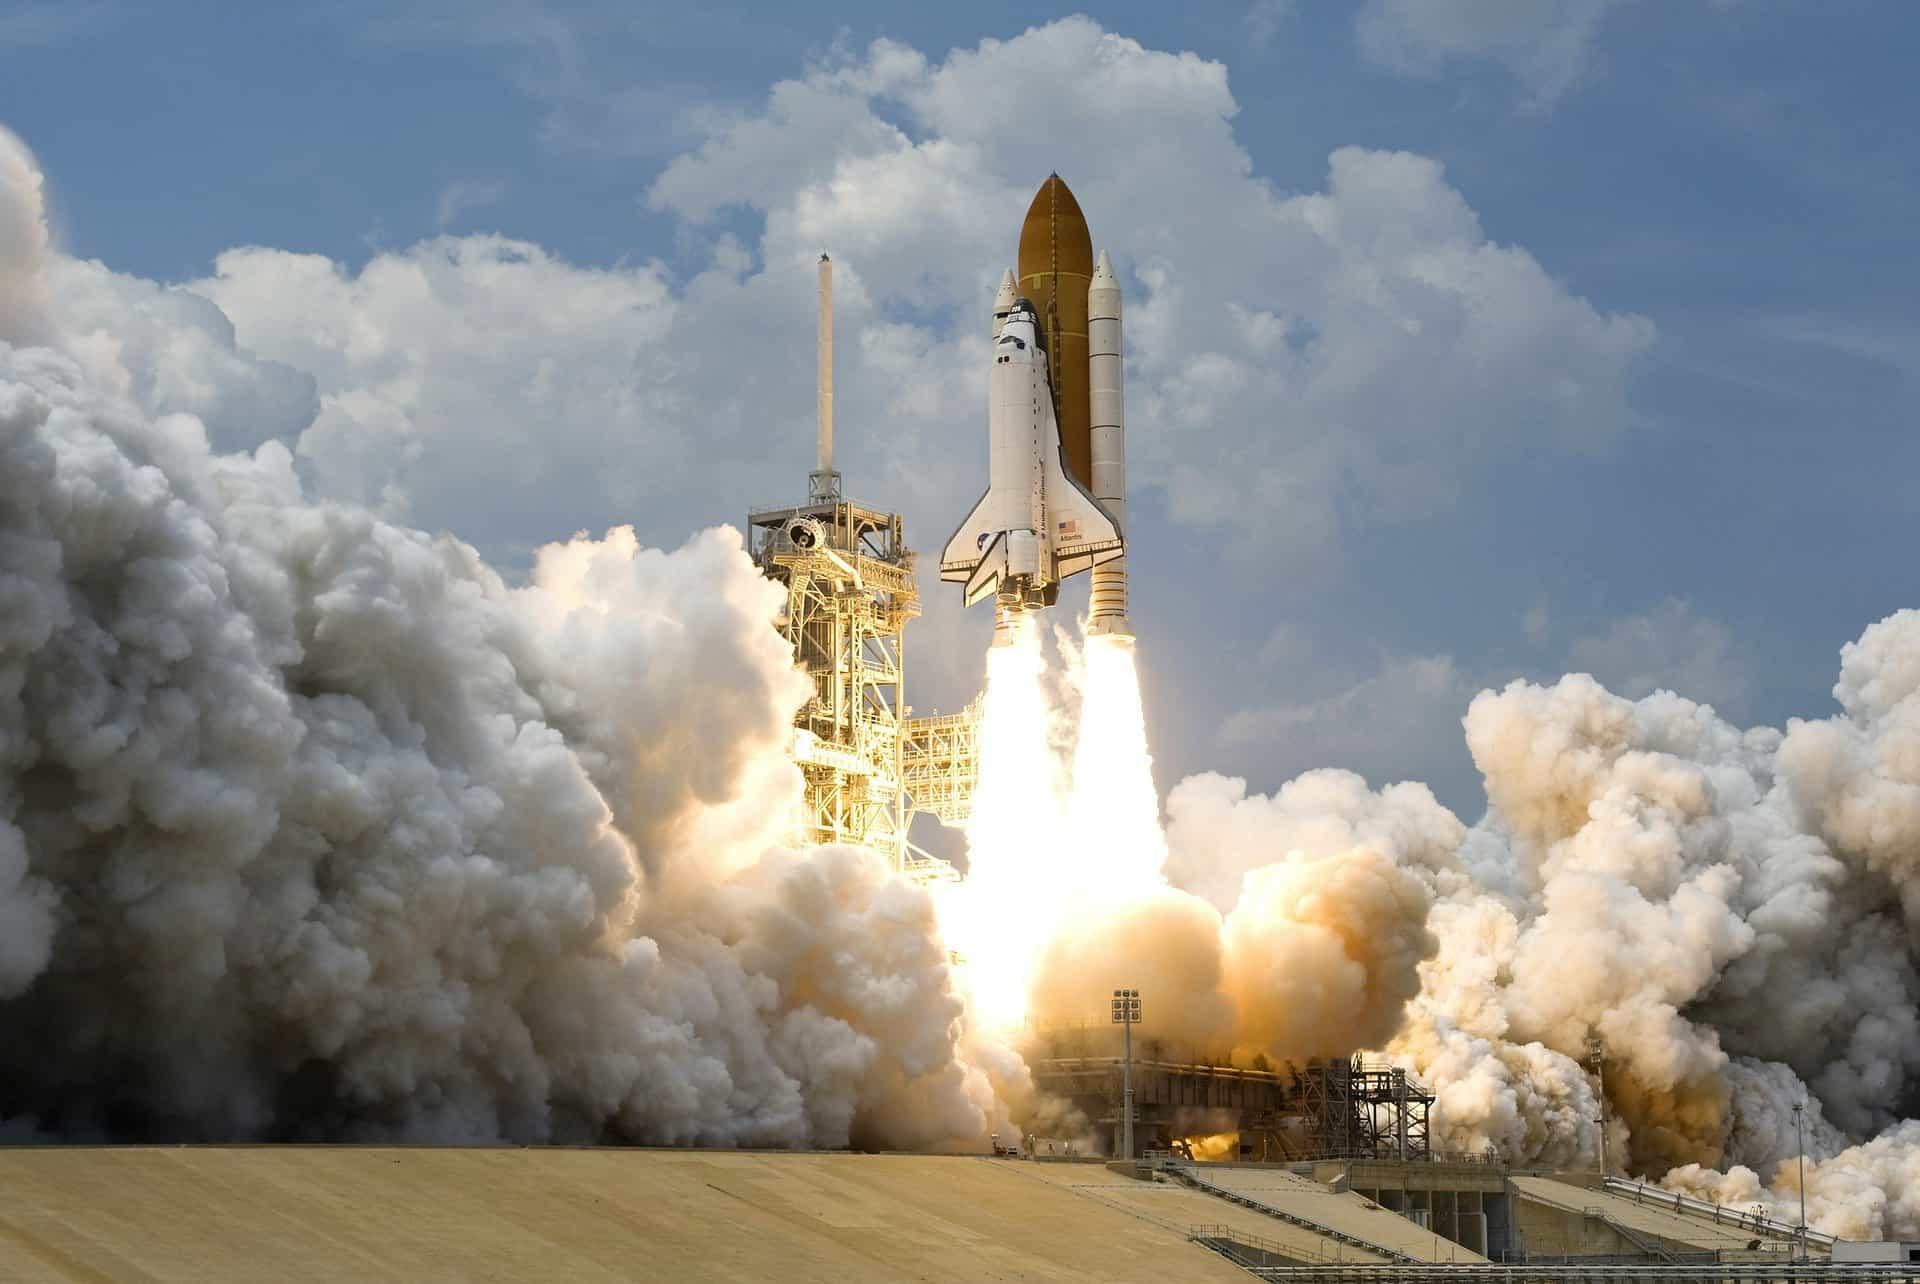 Rocket Launch, Hydrogen Fuel